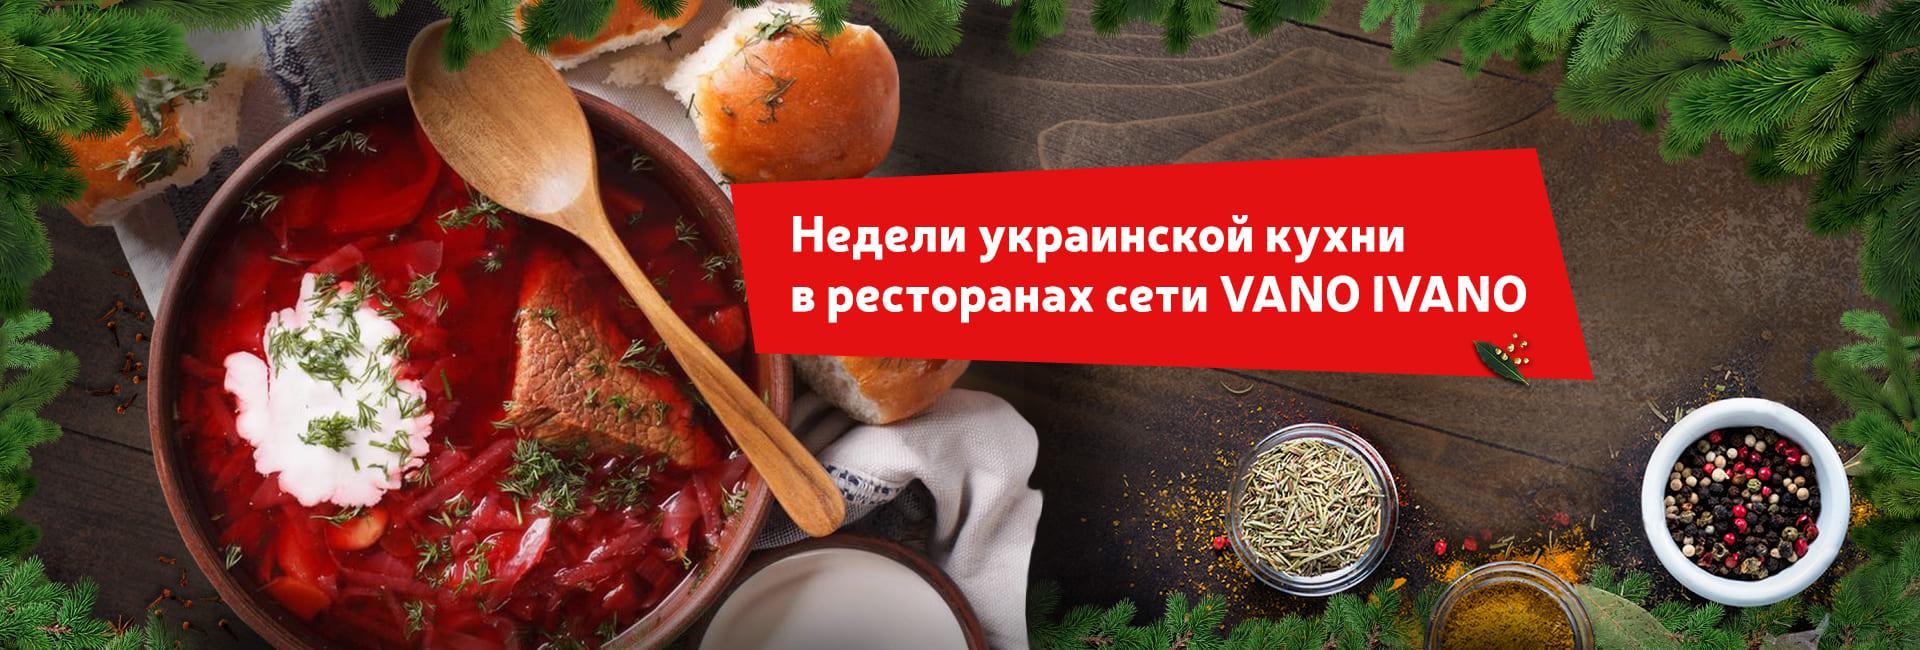 ukr_food